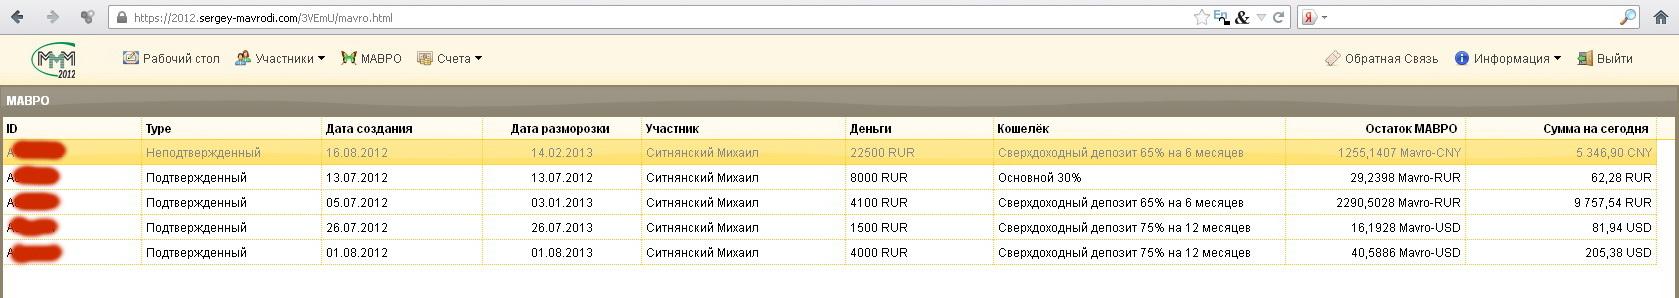 Мои вклады в МММ-2012 на 31 августа 2012